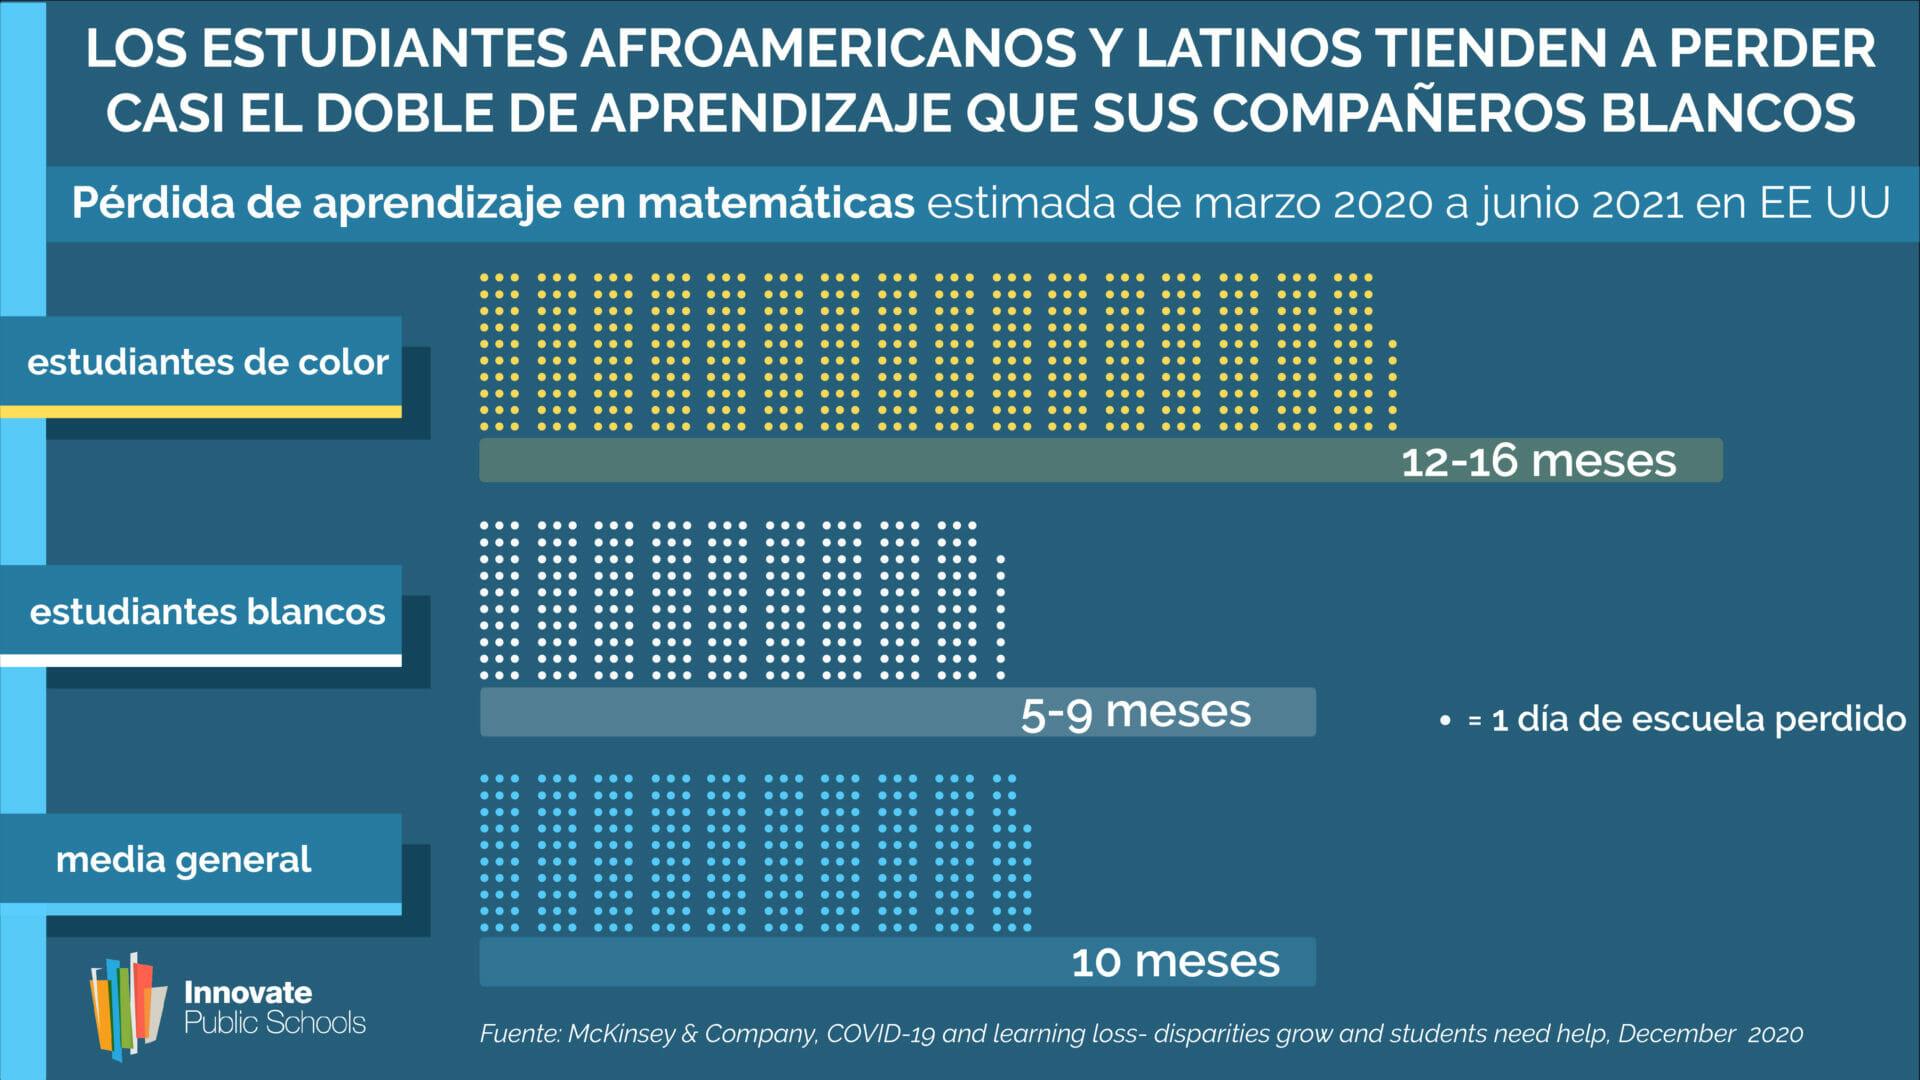 Los Estudiantes Afroamericanos y Latinos Tienden a Perder Casi el Doble de Aprendizaje